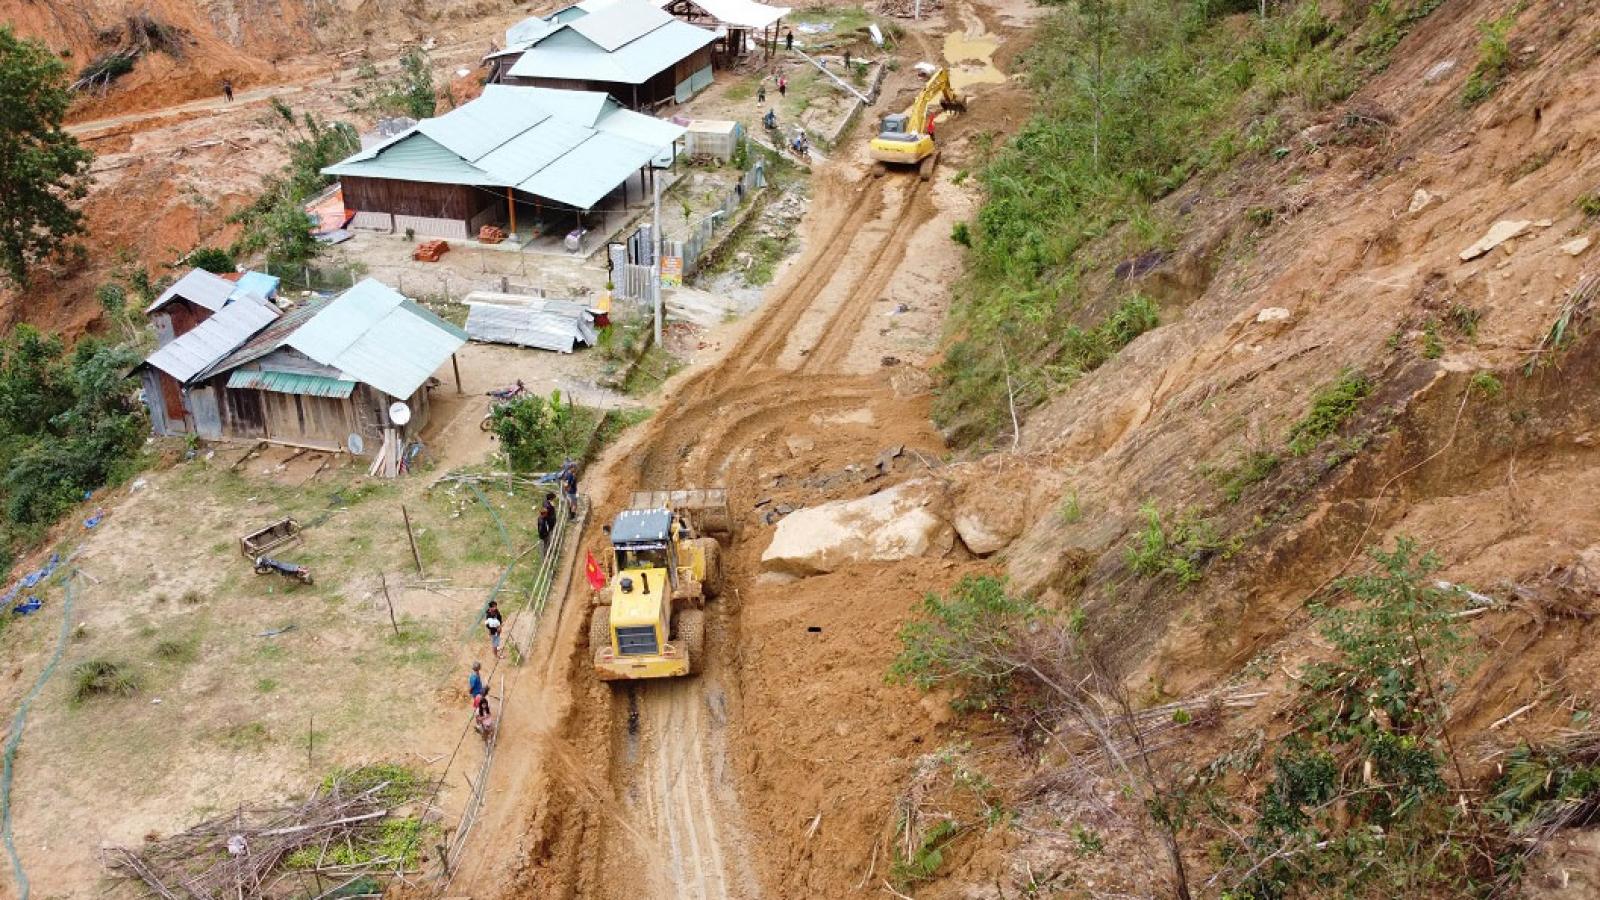 Đất chảy và sạt lở núi ở Miền Trung: Tránh rủi ro từ sạt lở núi